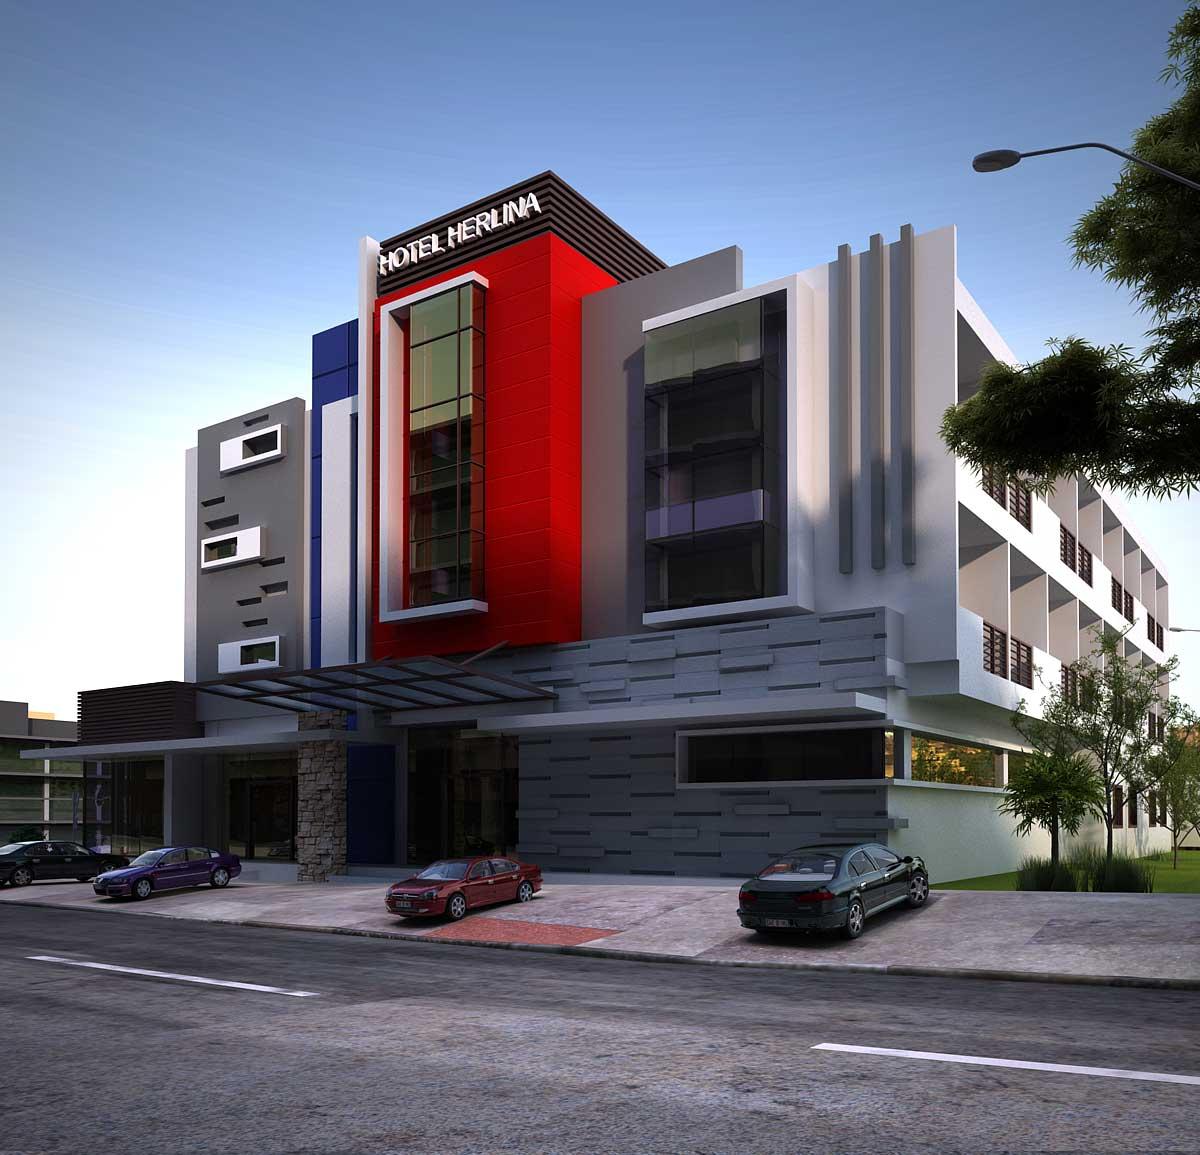 Jasa Desain Arsitektur Landscape: CV. Mahadikon Utama Jasa Arsitek